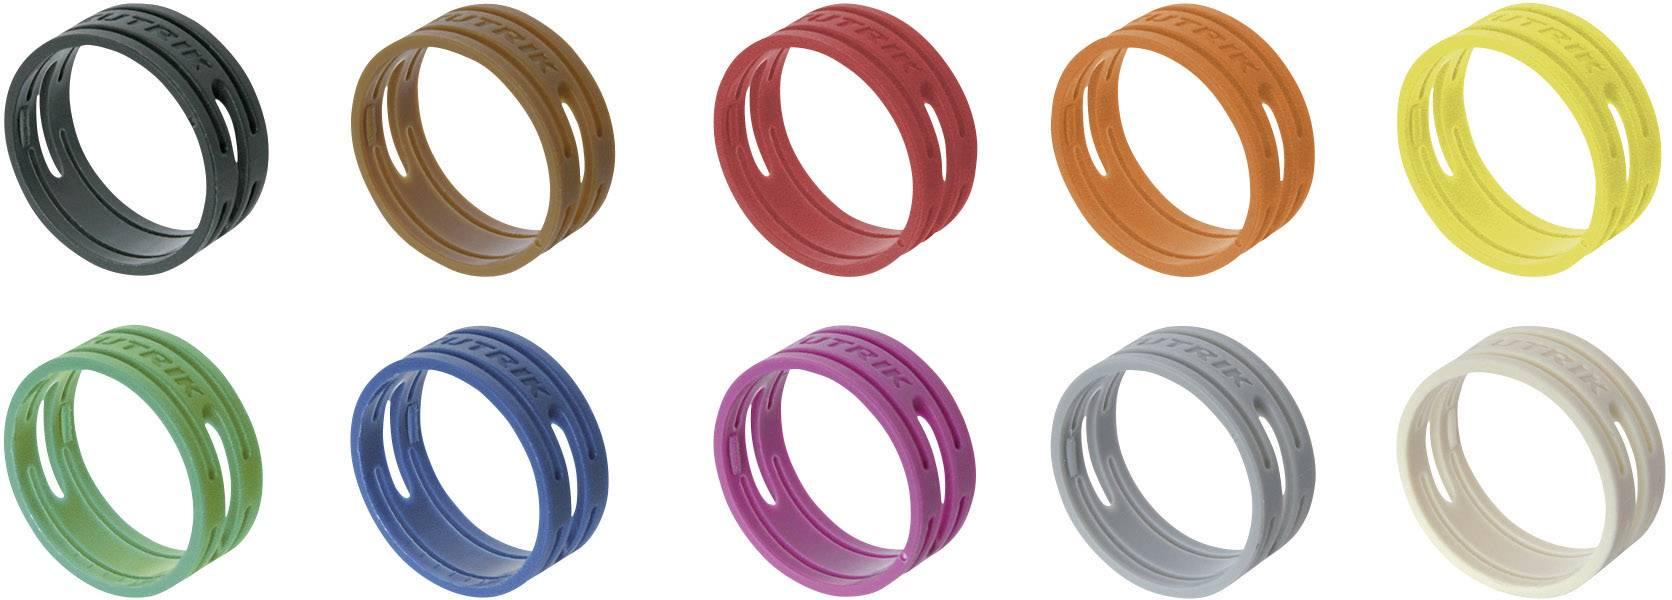 Kódovací kroužek Neutrik XXR-SET, 10 ks, mnoho barev